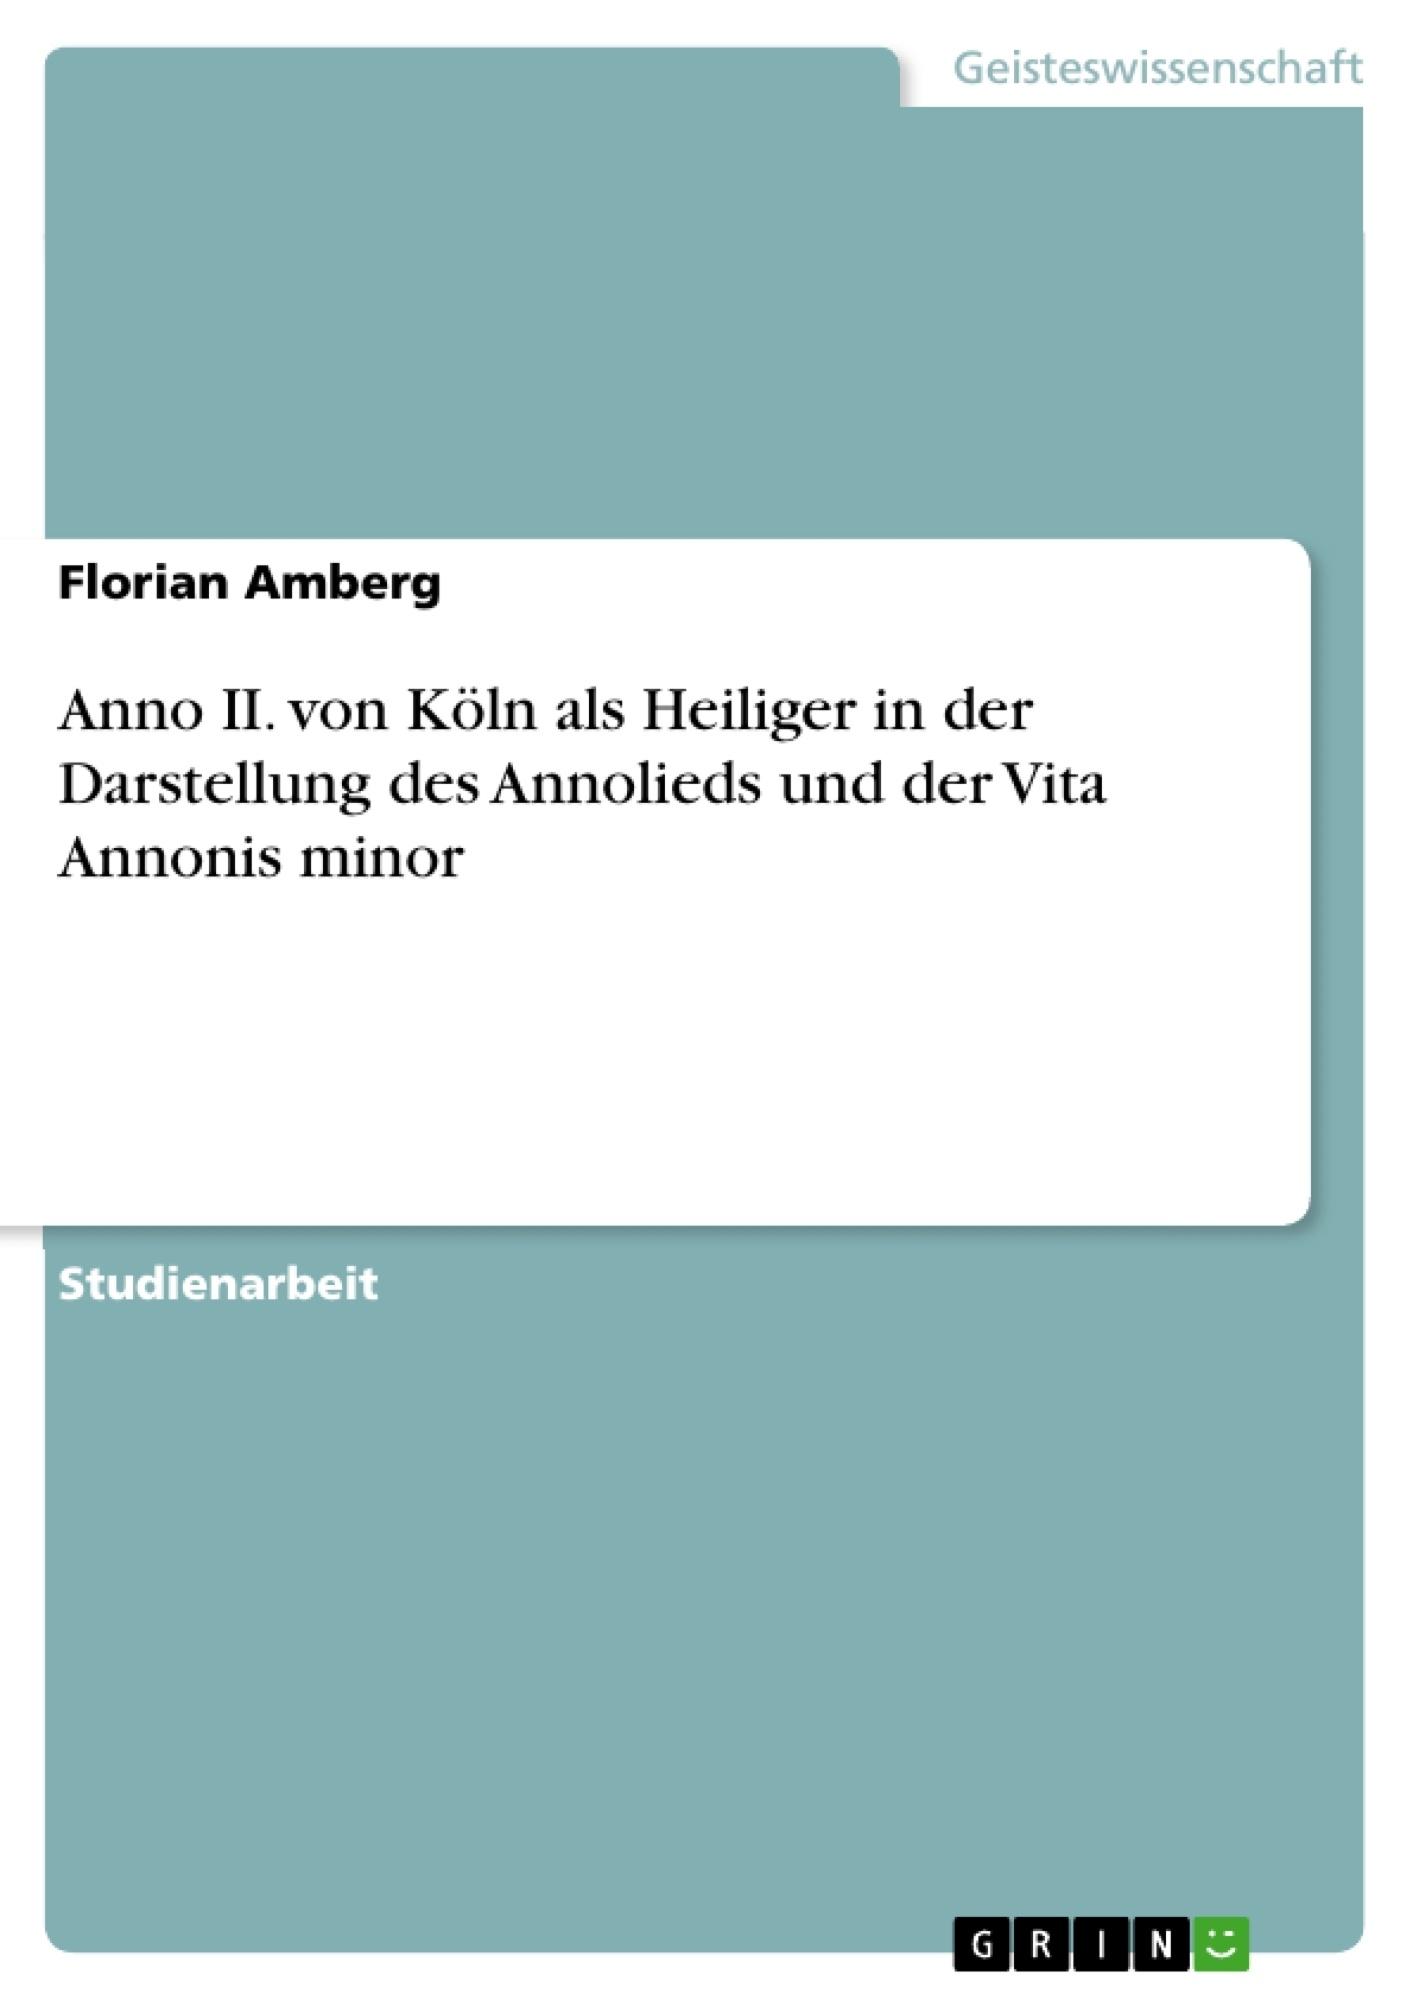 Titel: Anno II. von Köln als Heiliger in der Darstellung des Annolieds und der Vita Annonis minor